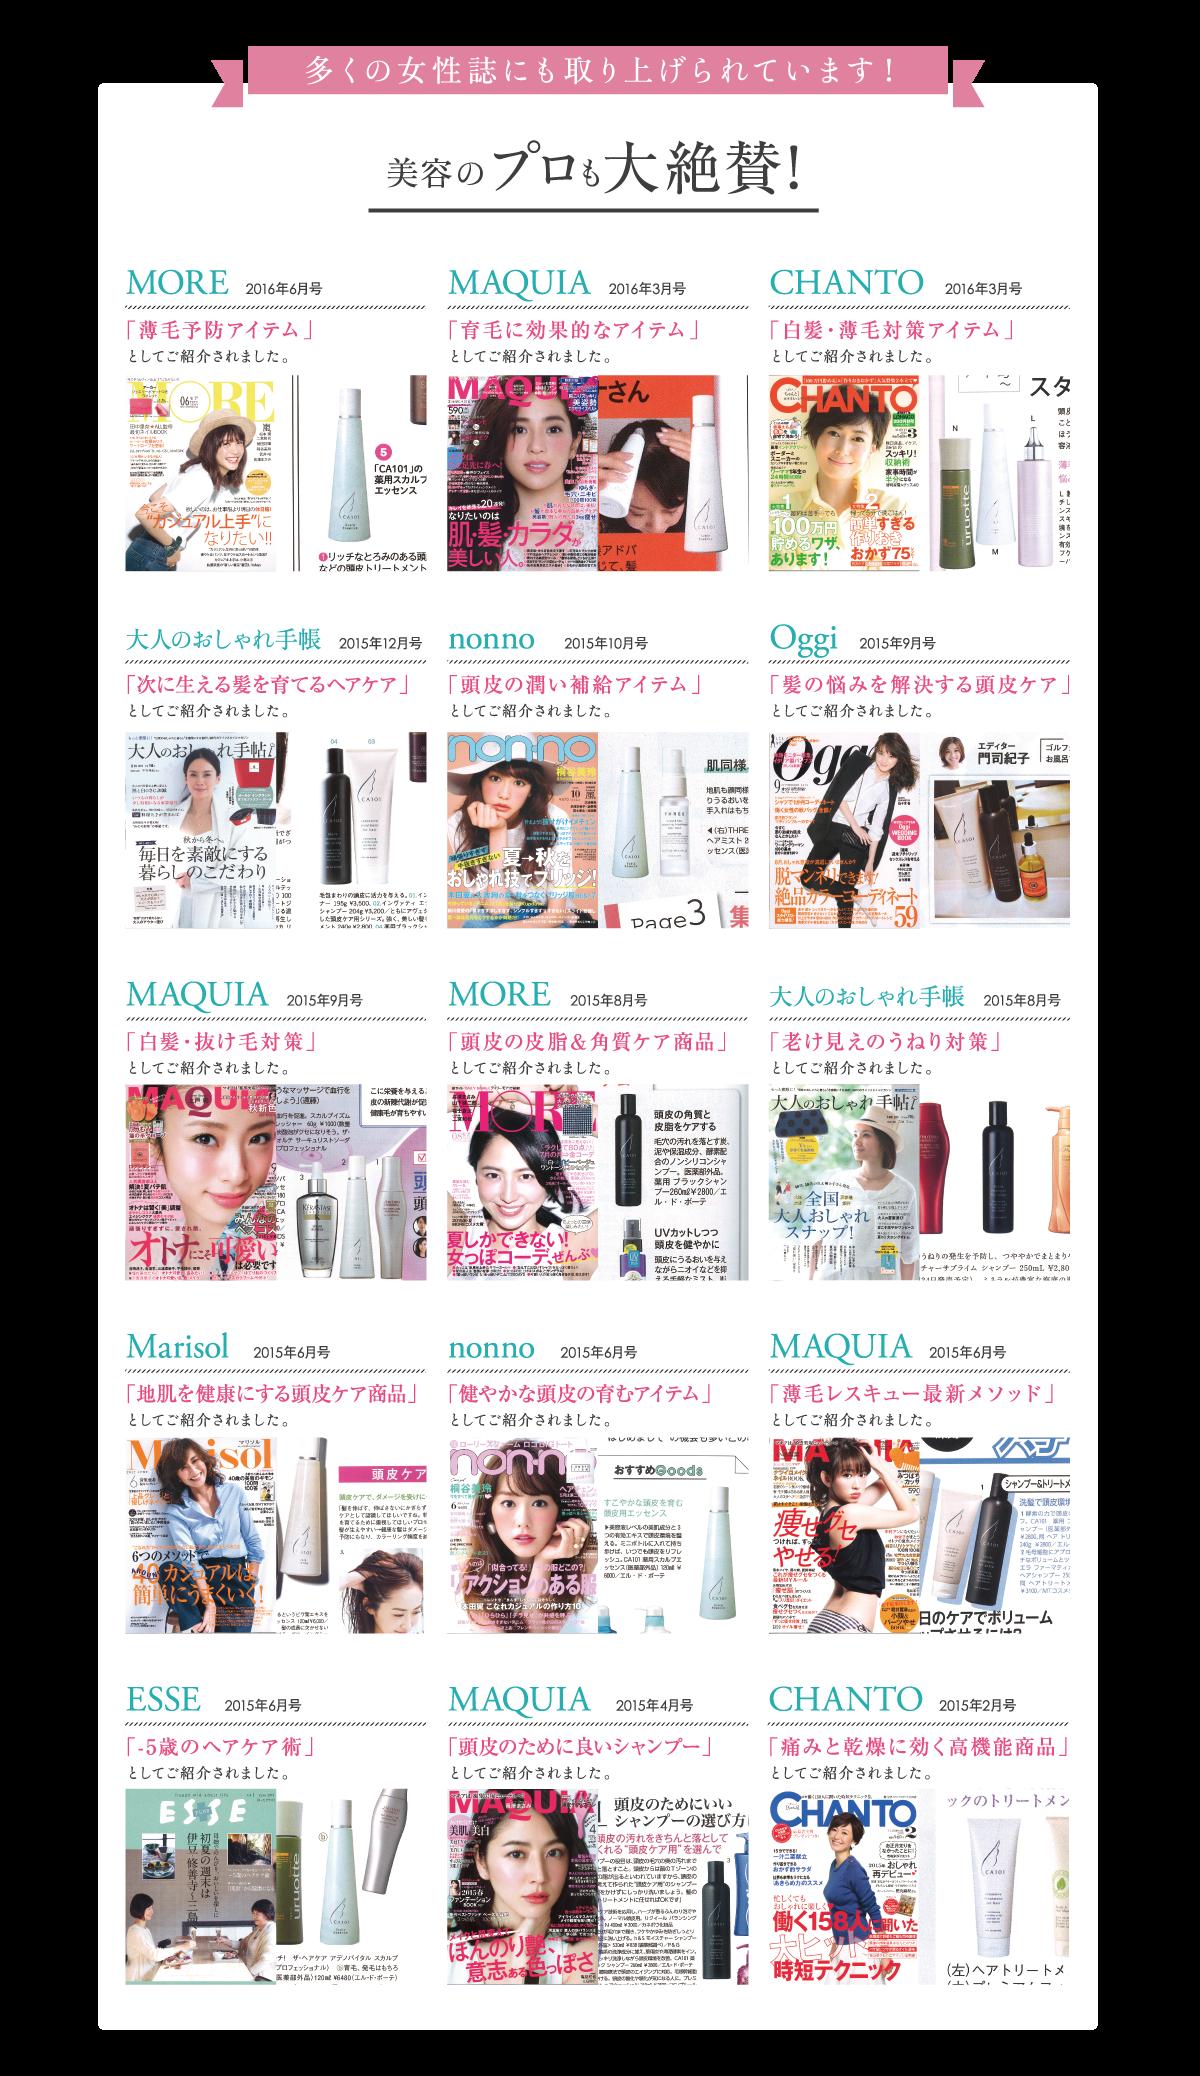 多くの女性誌にも取り上げられています!美容のプロも大絶賛!